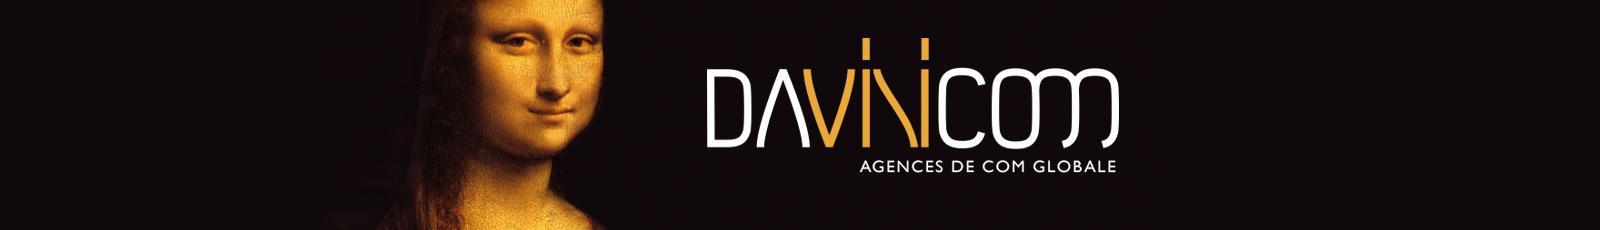 Davinicom - Agences de com globale